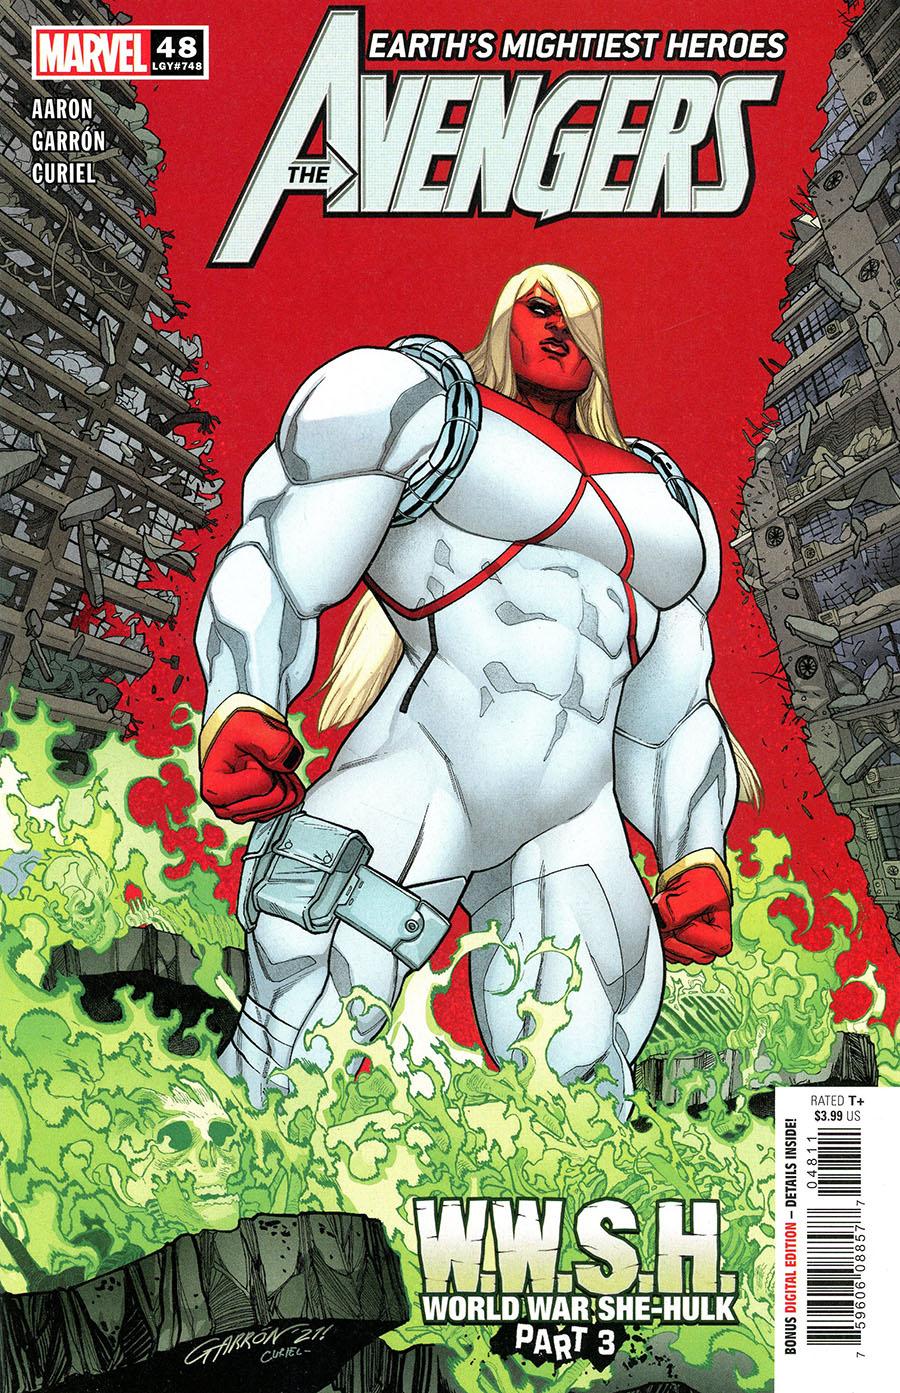 Avengers Vol 7 #48 Cover A Regular Javier Garron Cover